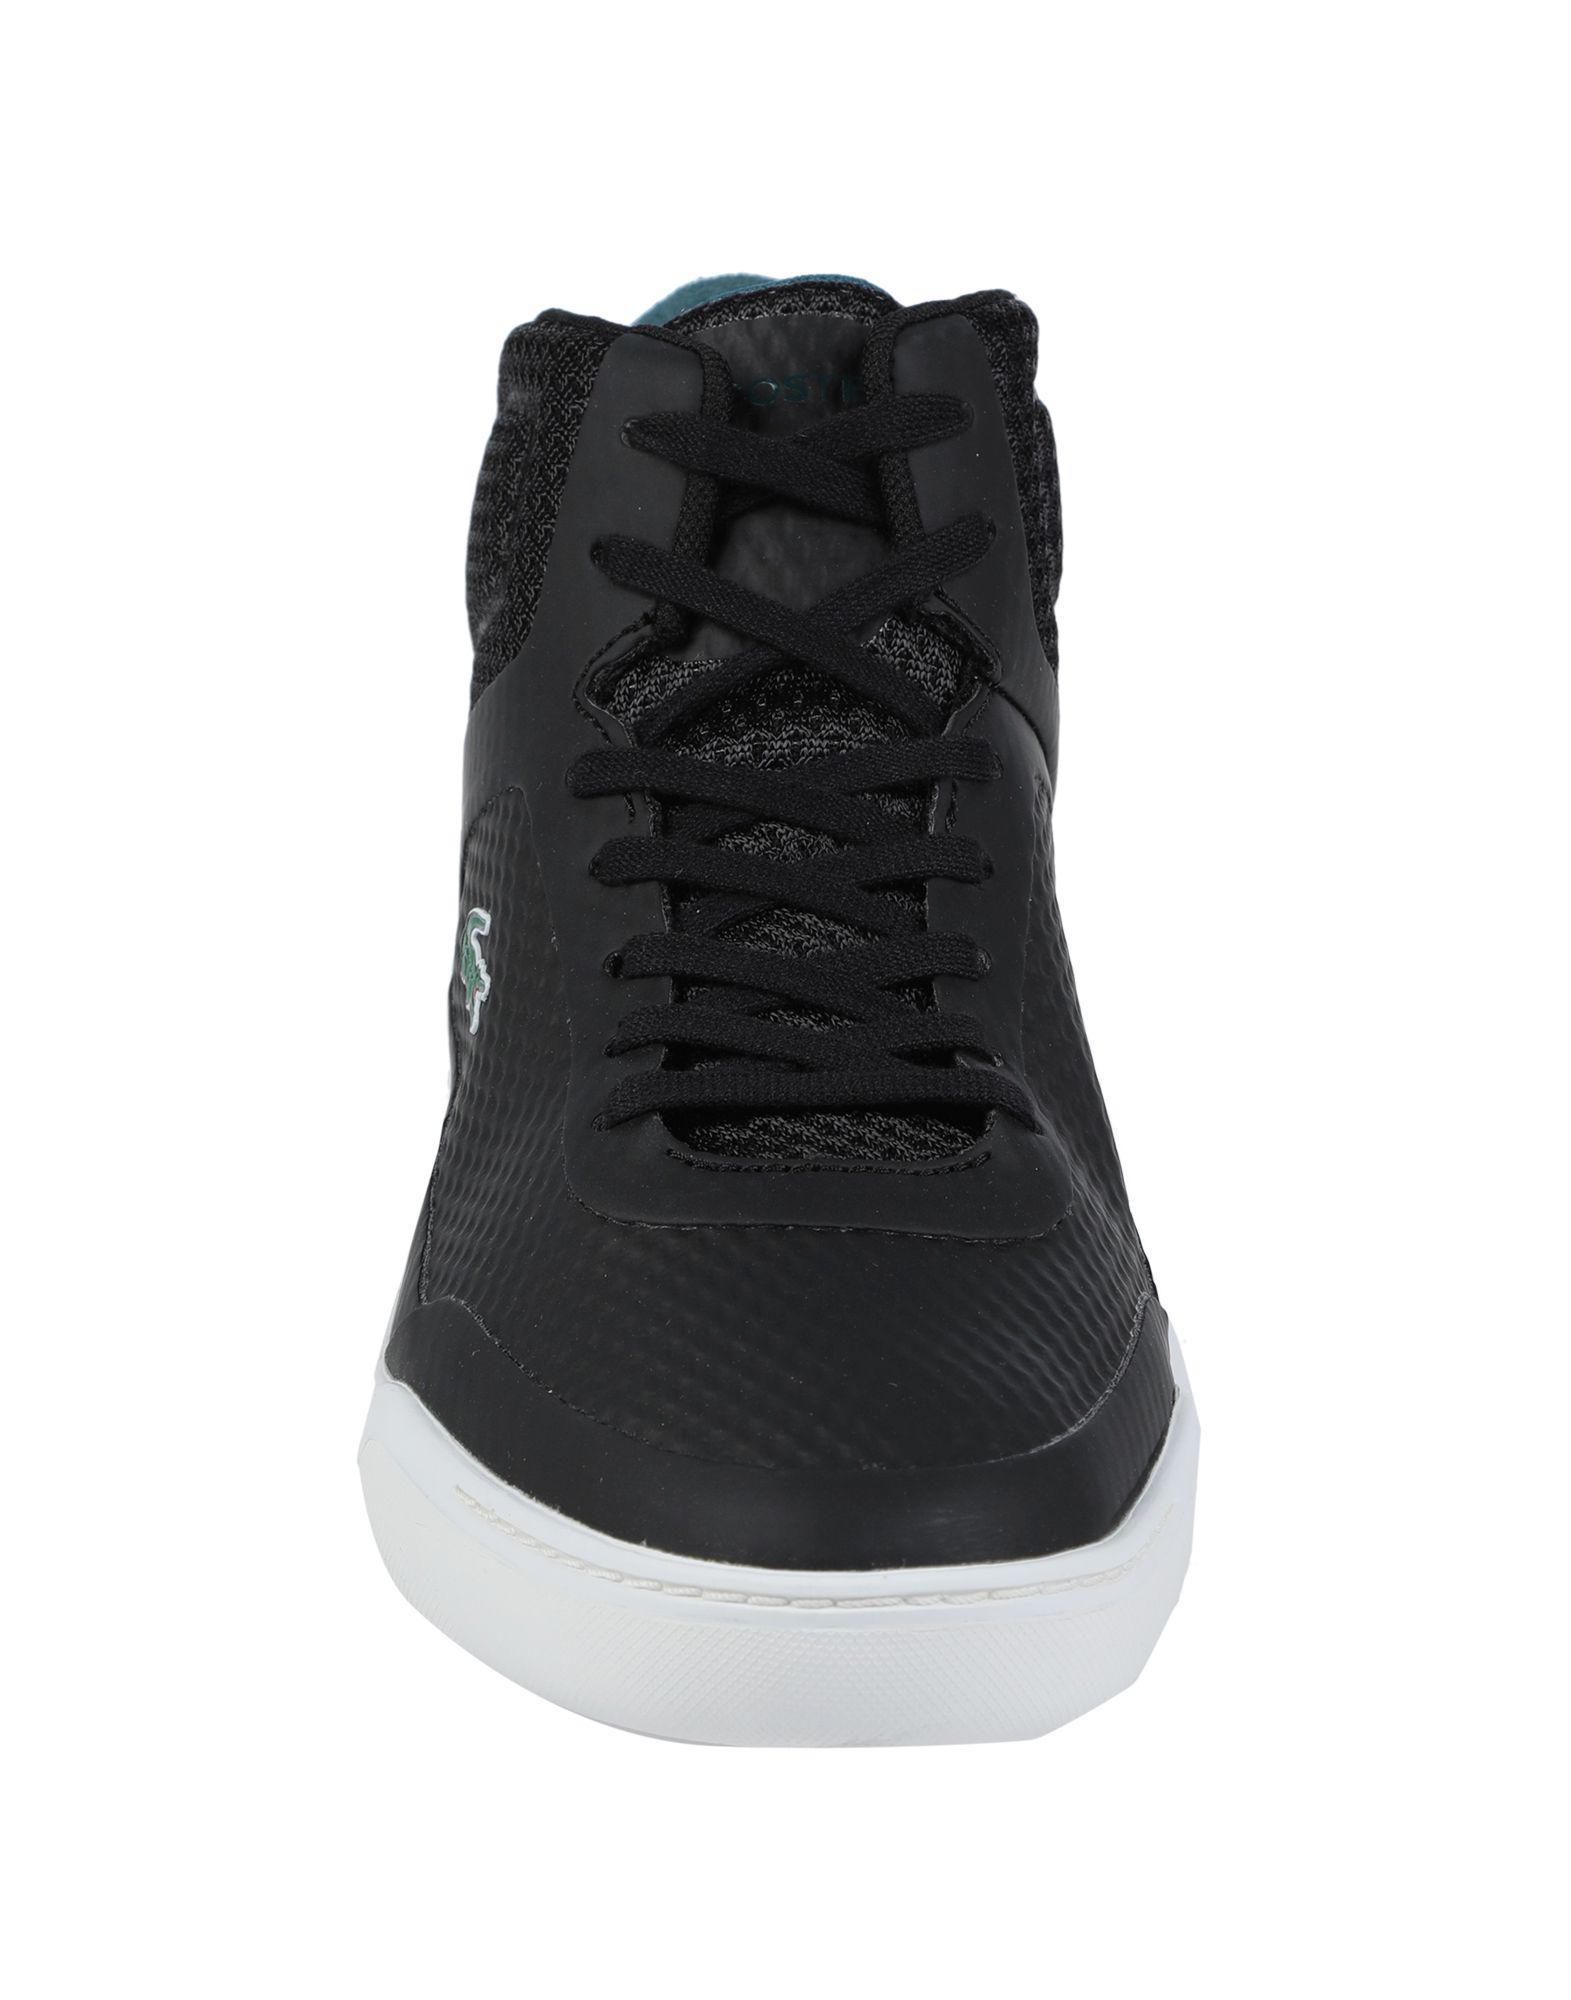 En Montantes Homme Lyst Sneakersamp; Noir Coloris Pour Tennis Lacoste c3q5ARjL4